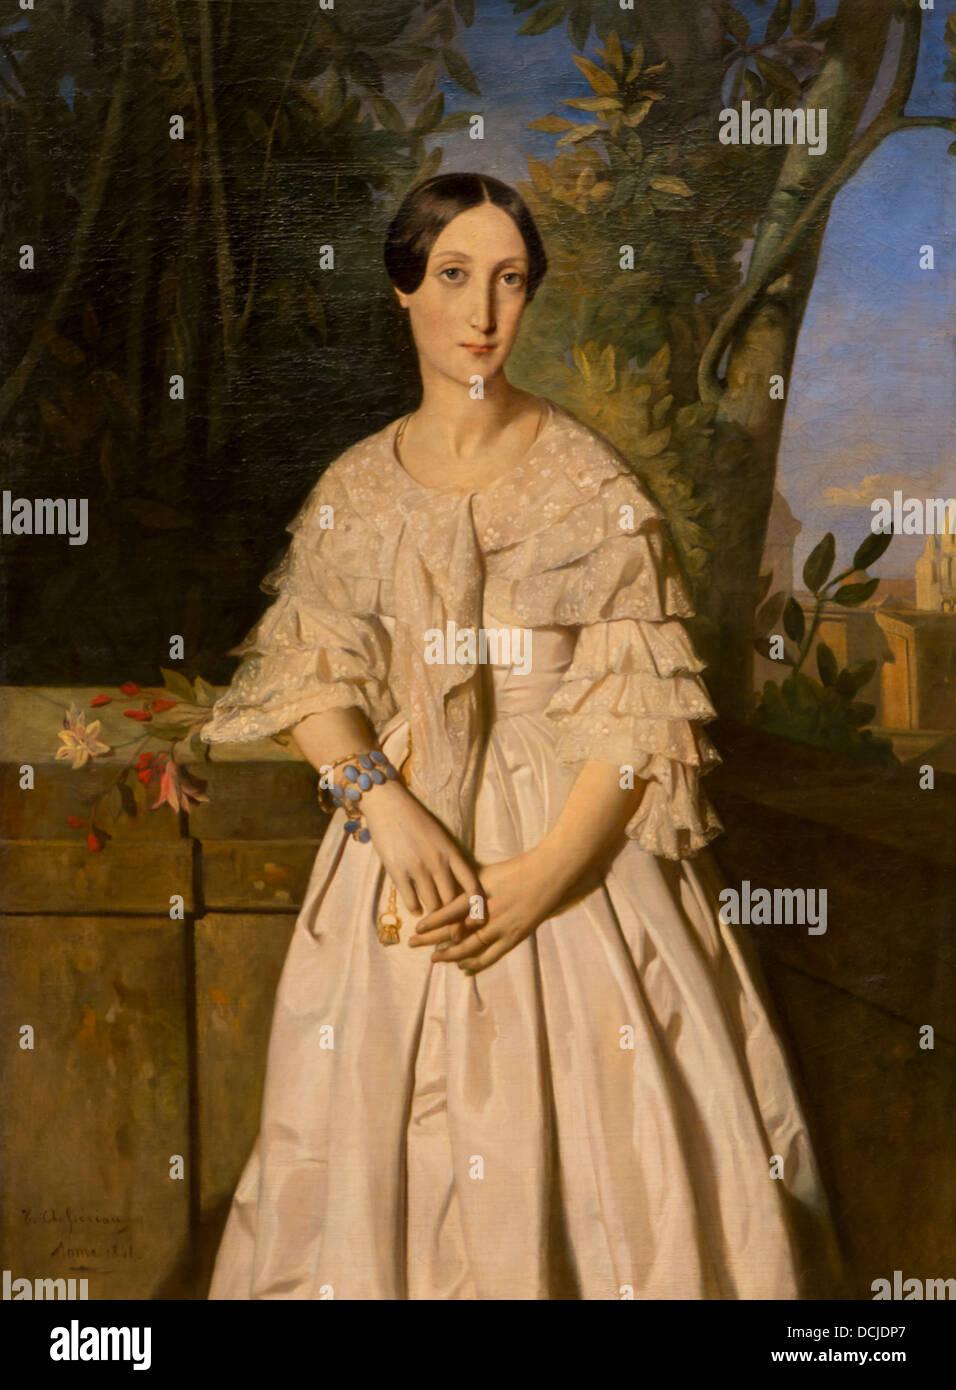 19. Jahrhundert - Comtesse De La Tour-Maubourg, geboren Marie-Louise Thomas de Pange), 1841 - Théodore Chassériau Stockbild